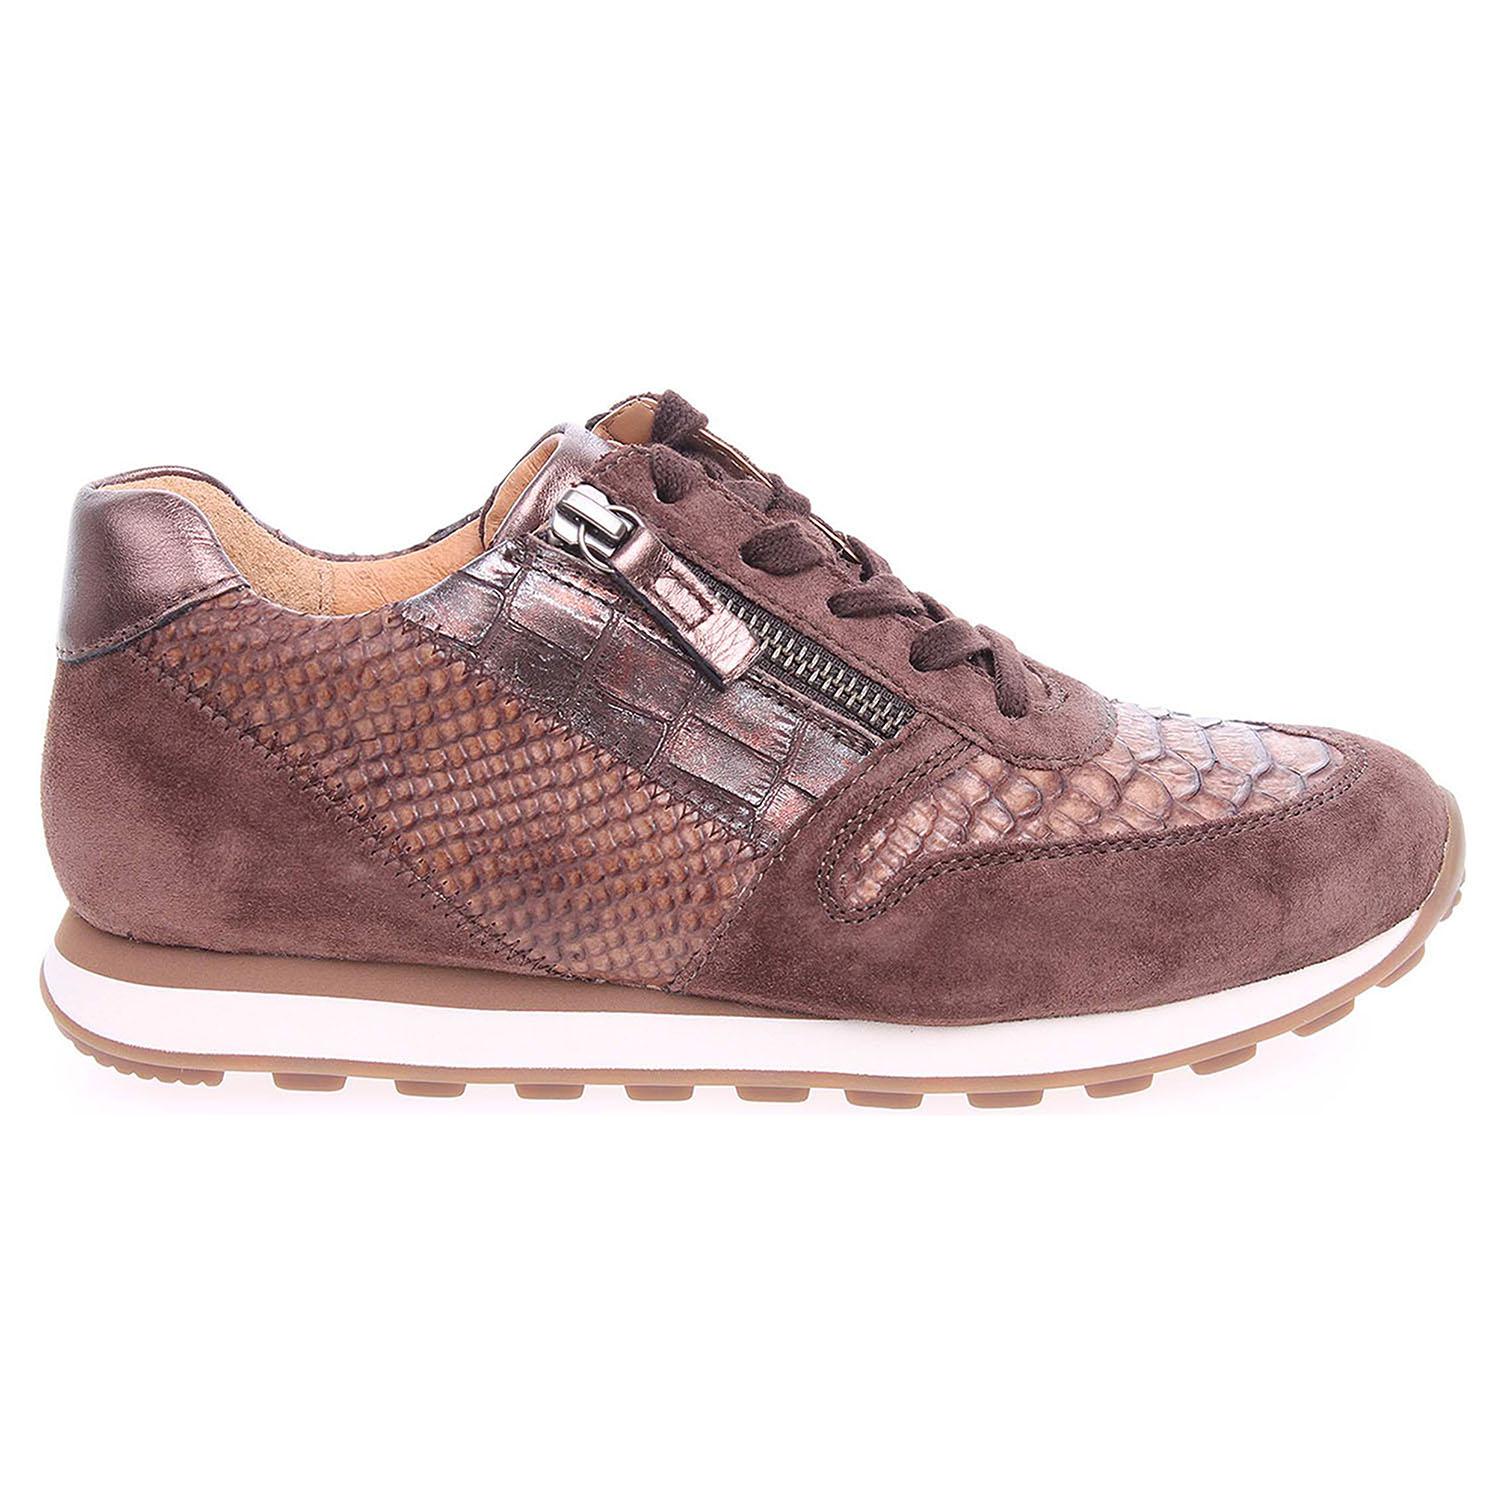 Ecco Gabor dámská obuv 56.368.25 hnědá 23200552